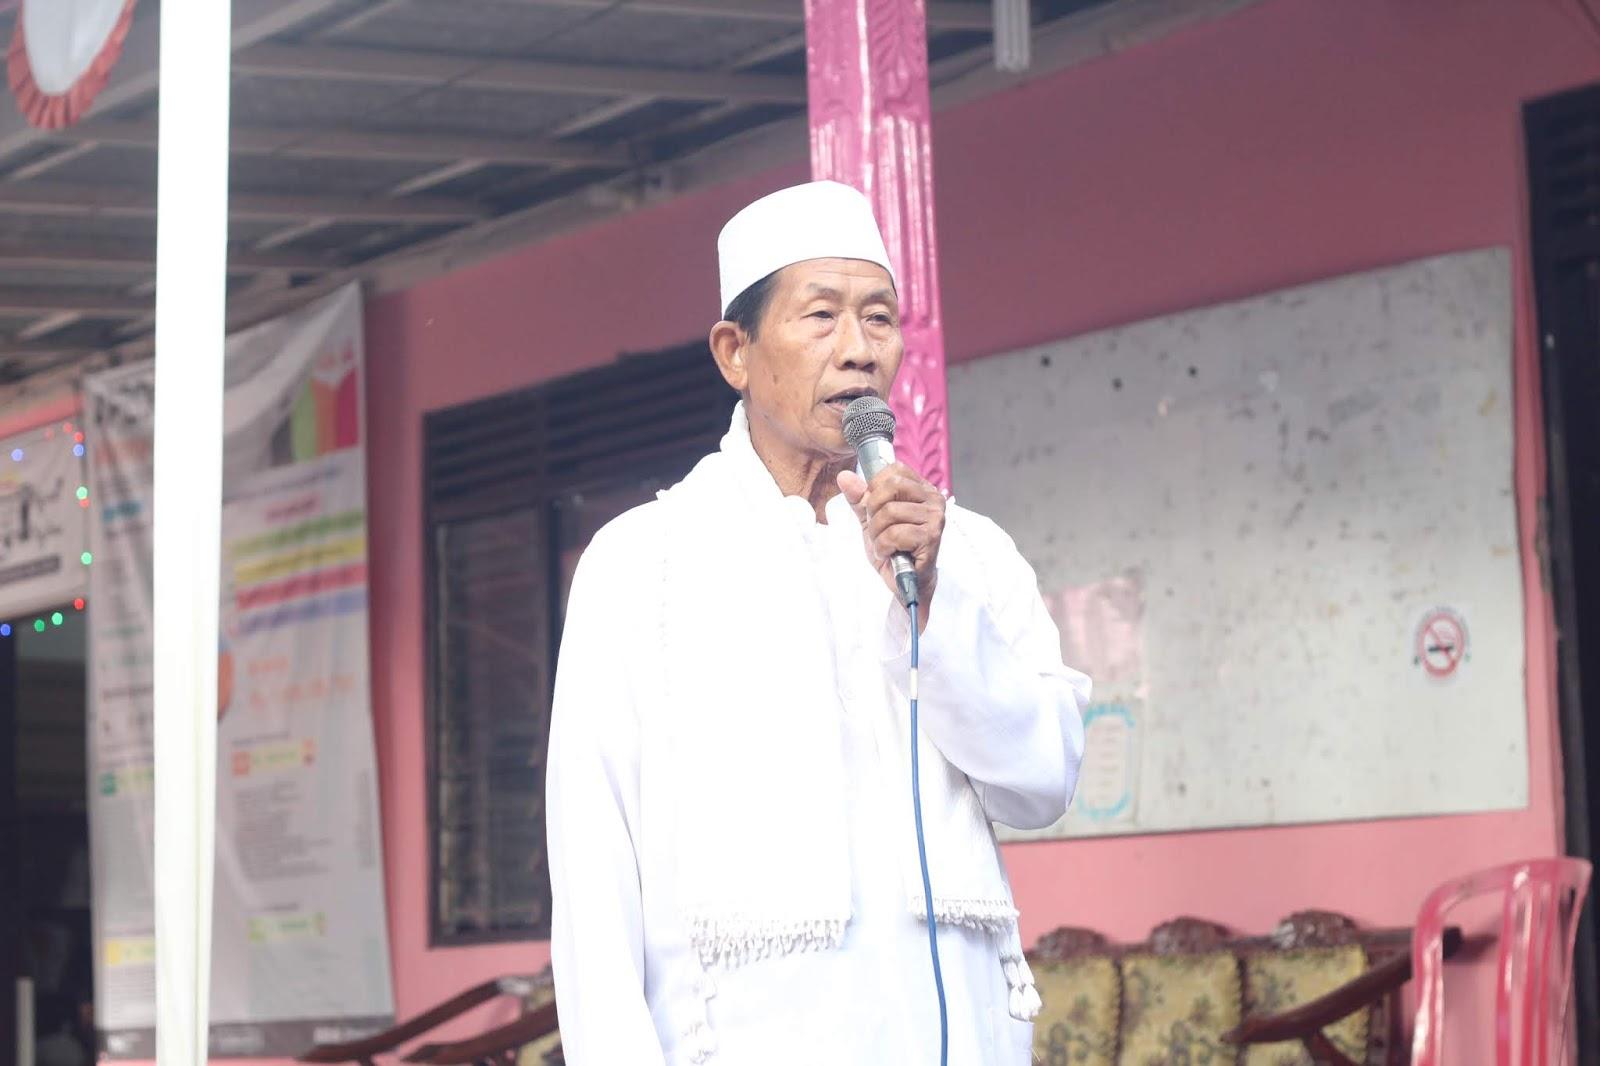 Kyai Haji Maskur dari Desa Jerukagung